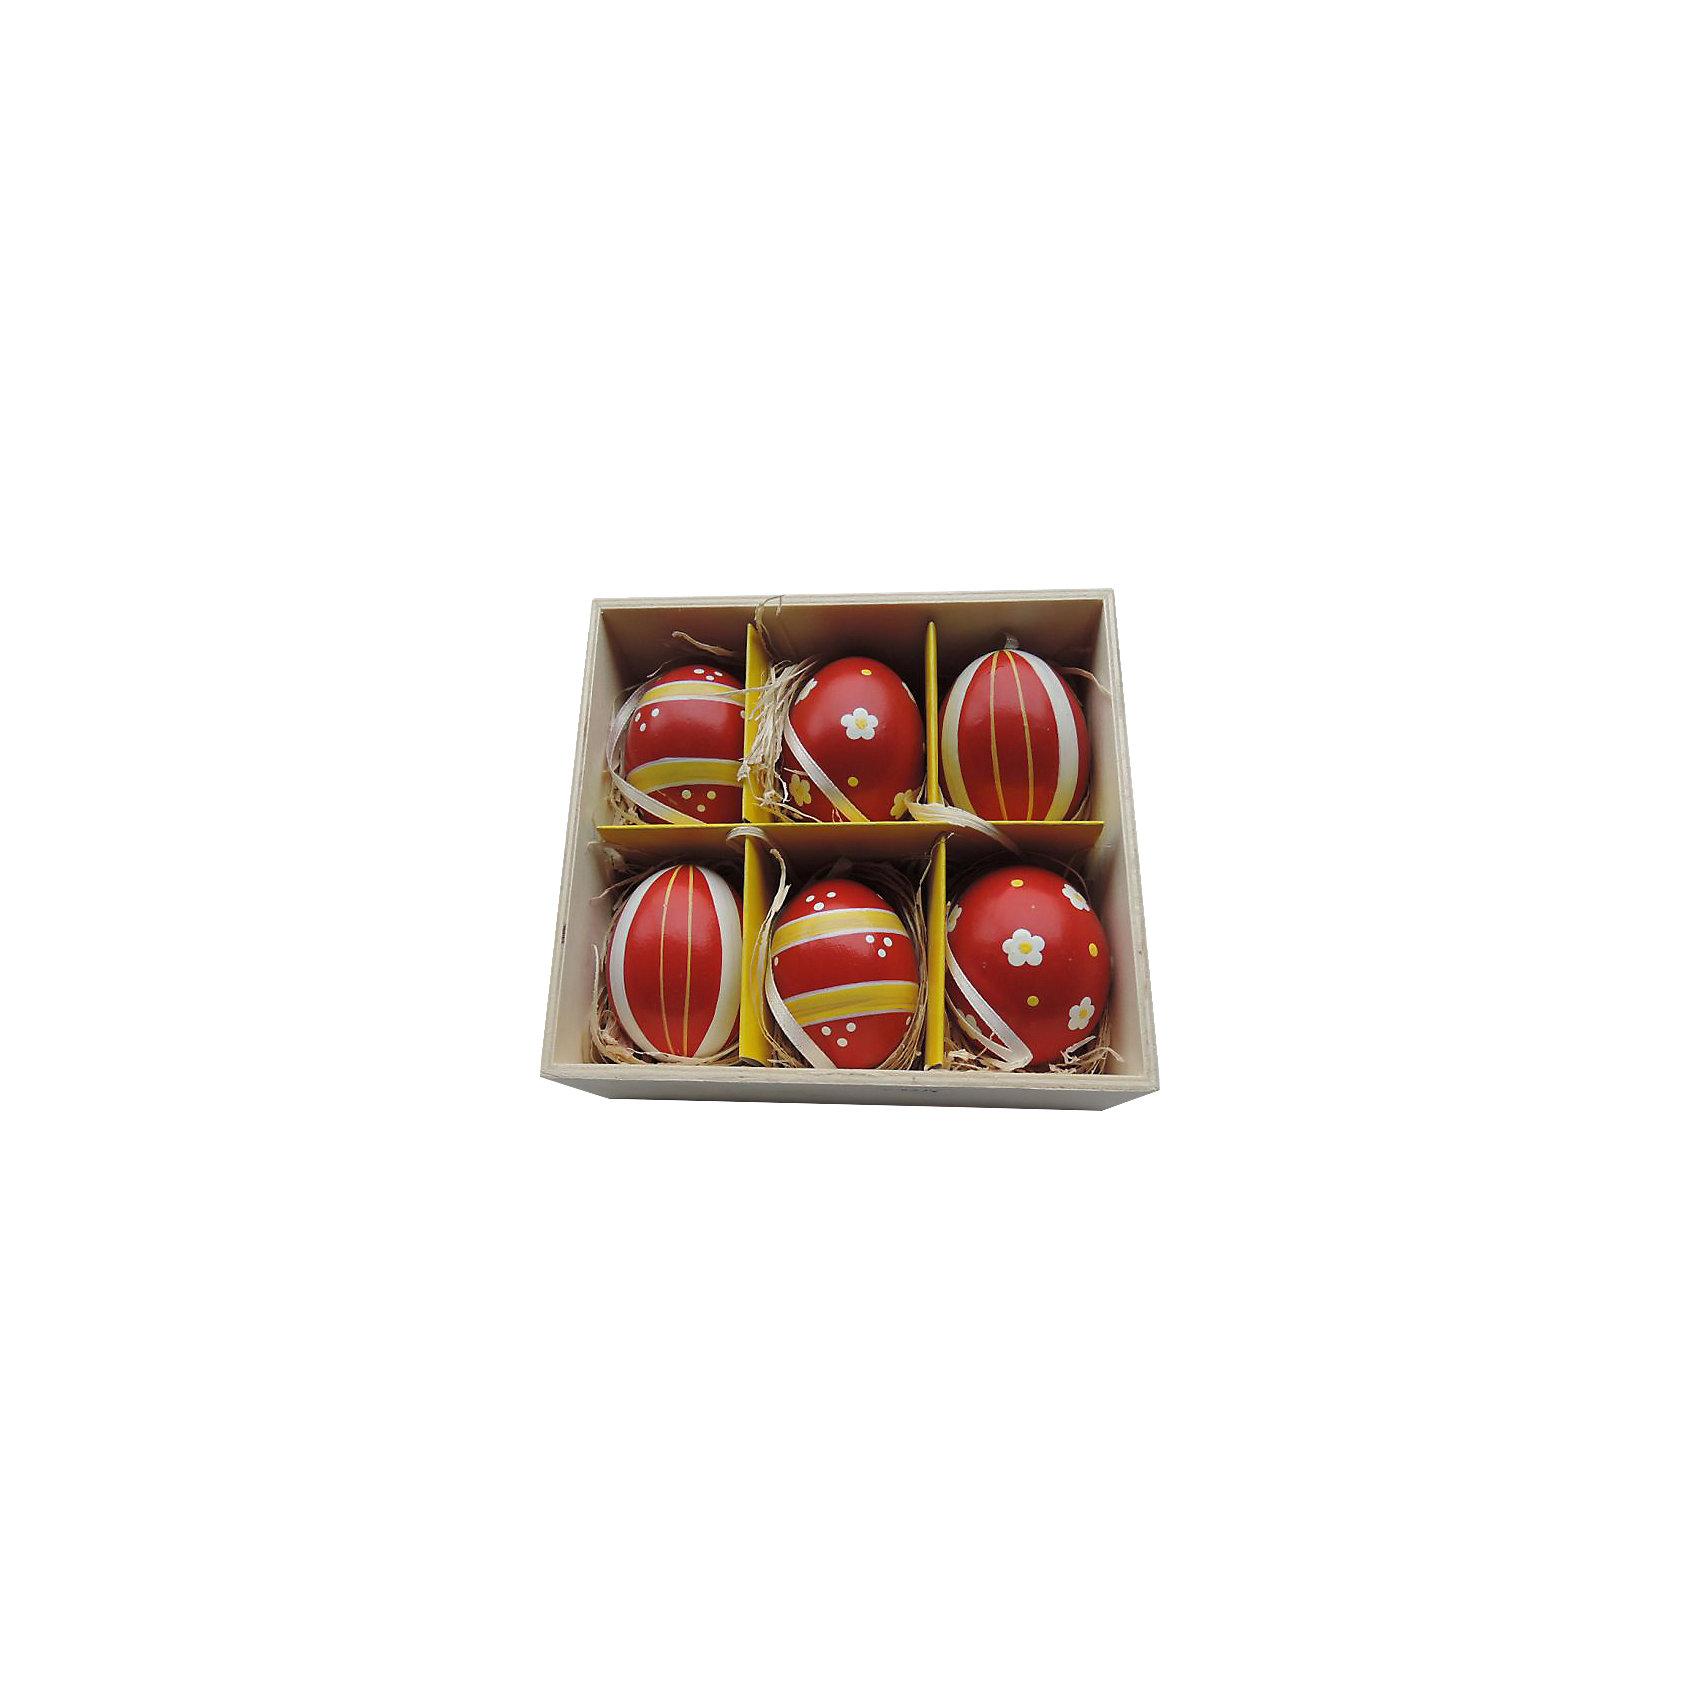 Декоративный набор пасхальных яиц Ромашки и полоски 6 штДекоративное подвесное пасхальное яйцо - идеальный вариант для украшения дома к празднику или же для пасхального сувенира. Подвески выполнены из натуральной скорлупы, украшены нежными рисунками, имеют специальные текстильные петельки для подвешивания. В комплекте - 6 пасхальных яиц, расположенных в оригинальном  деревянного ящичке с подложкой из лыко.<br><br>Дополнительная информация:<br><br>- Материал: скорлупа куриного яйца, текстиль, лыко.<br>- Размер яйца: 4 см х 4 см х 5,5 см.<br>- Размер упаковки: 16х15х6 см.<br>- 6 штук в наборе. <br><br>Декоративный набор пасхальных яиц Ромашки и полоски, 6 шт, можно купить в нашем магазине.<br><br>Ширина мм: 50<br>Глубина мм: 140<br>Высота мм: 150<br>Вес г: 3<br>Возраст от месяцев: 36<br>Возраст до месяцев: 2147483647<br>Пол: Унисекс<br>Возраст: Детский<br>SKU: 4501204